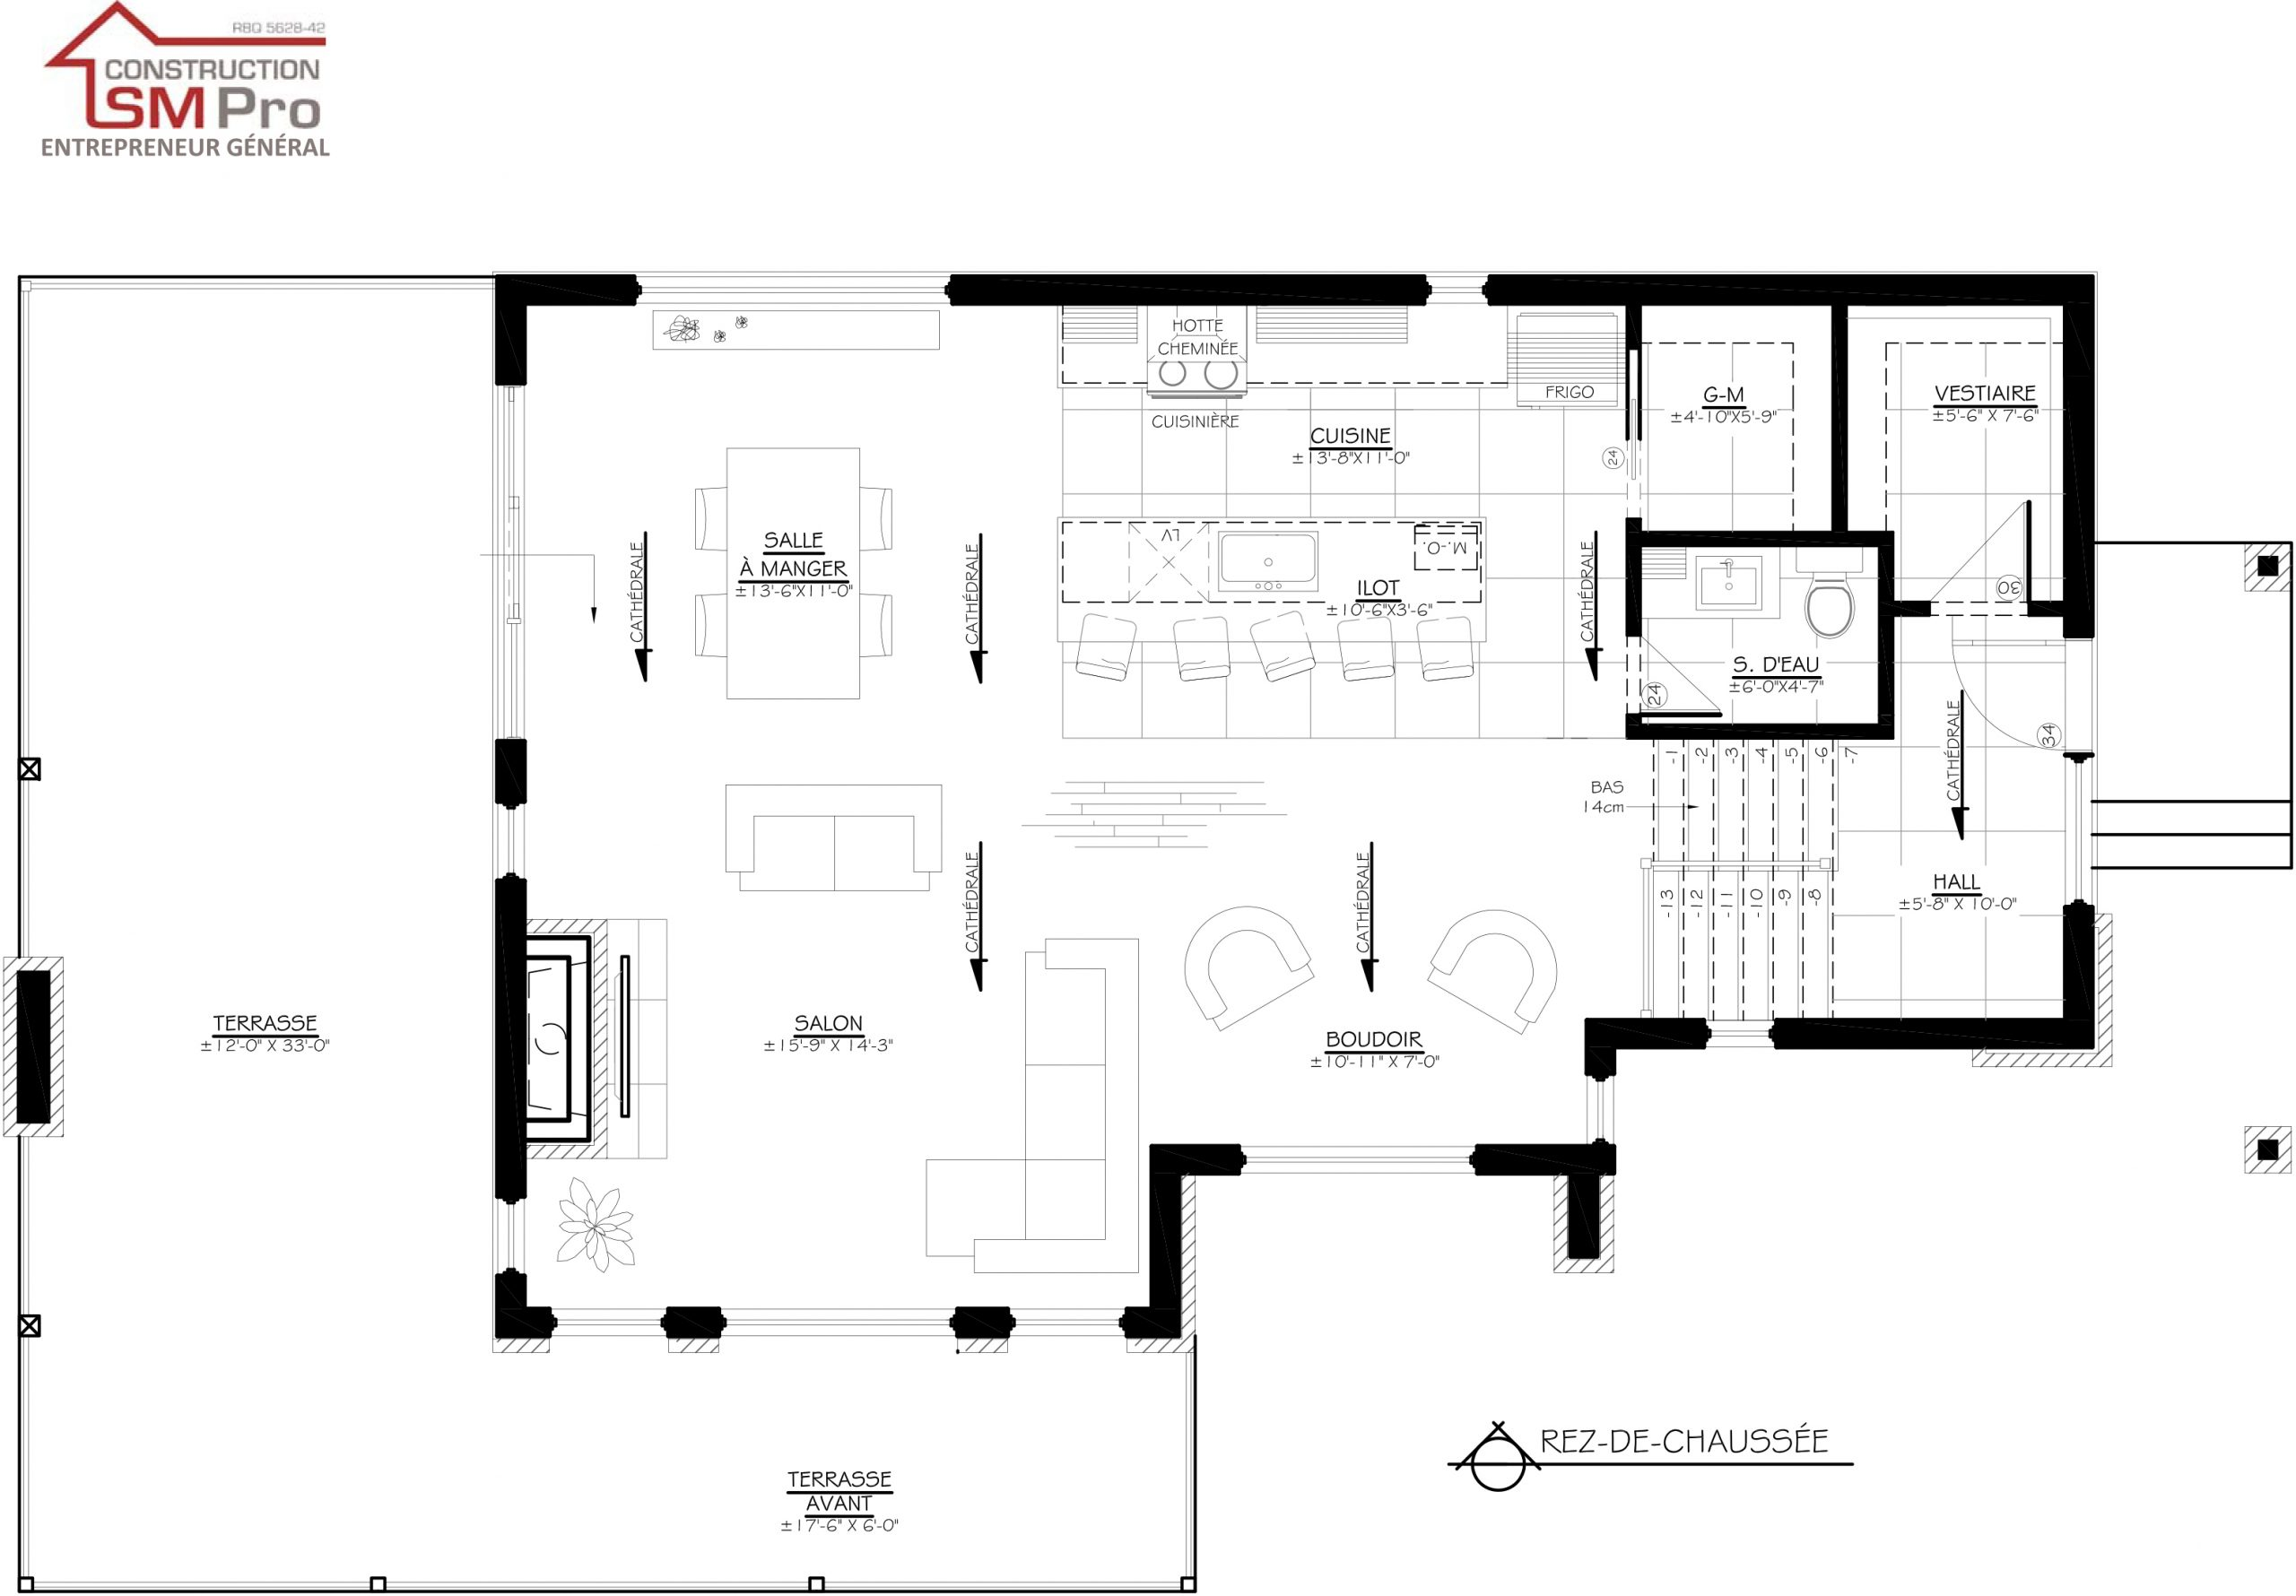 Construction SM Pro image modele OASIS plan du rez de chausse